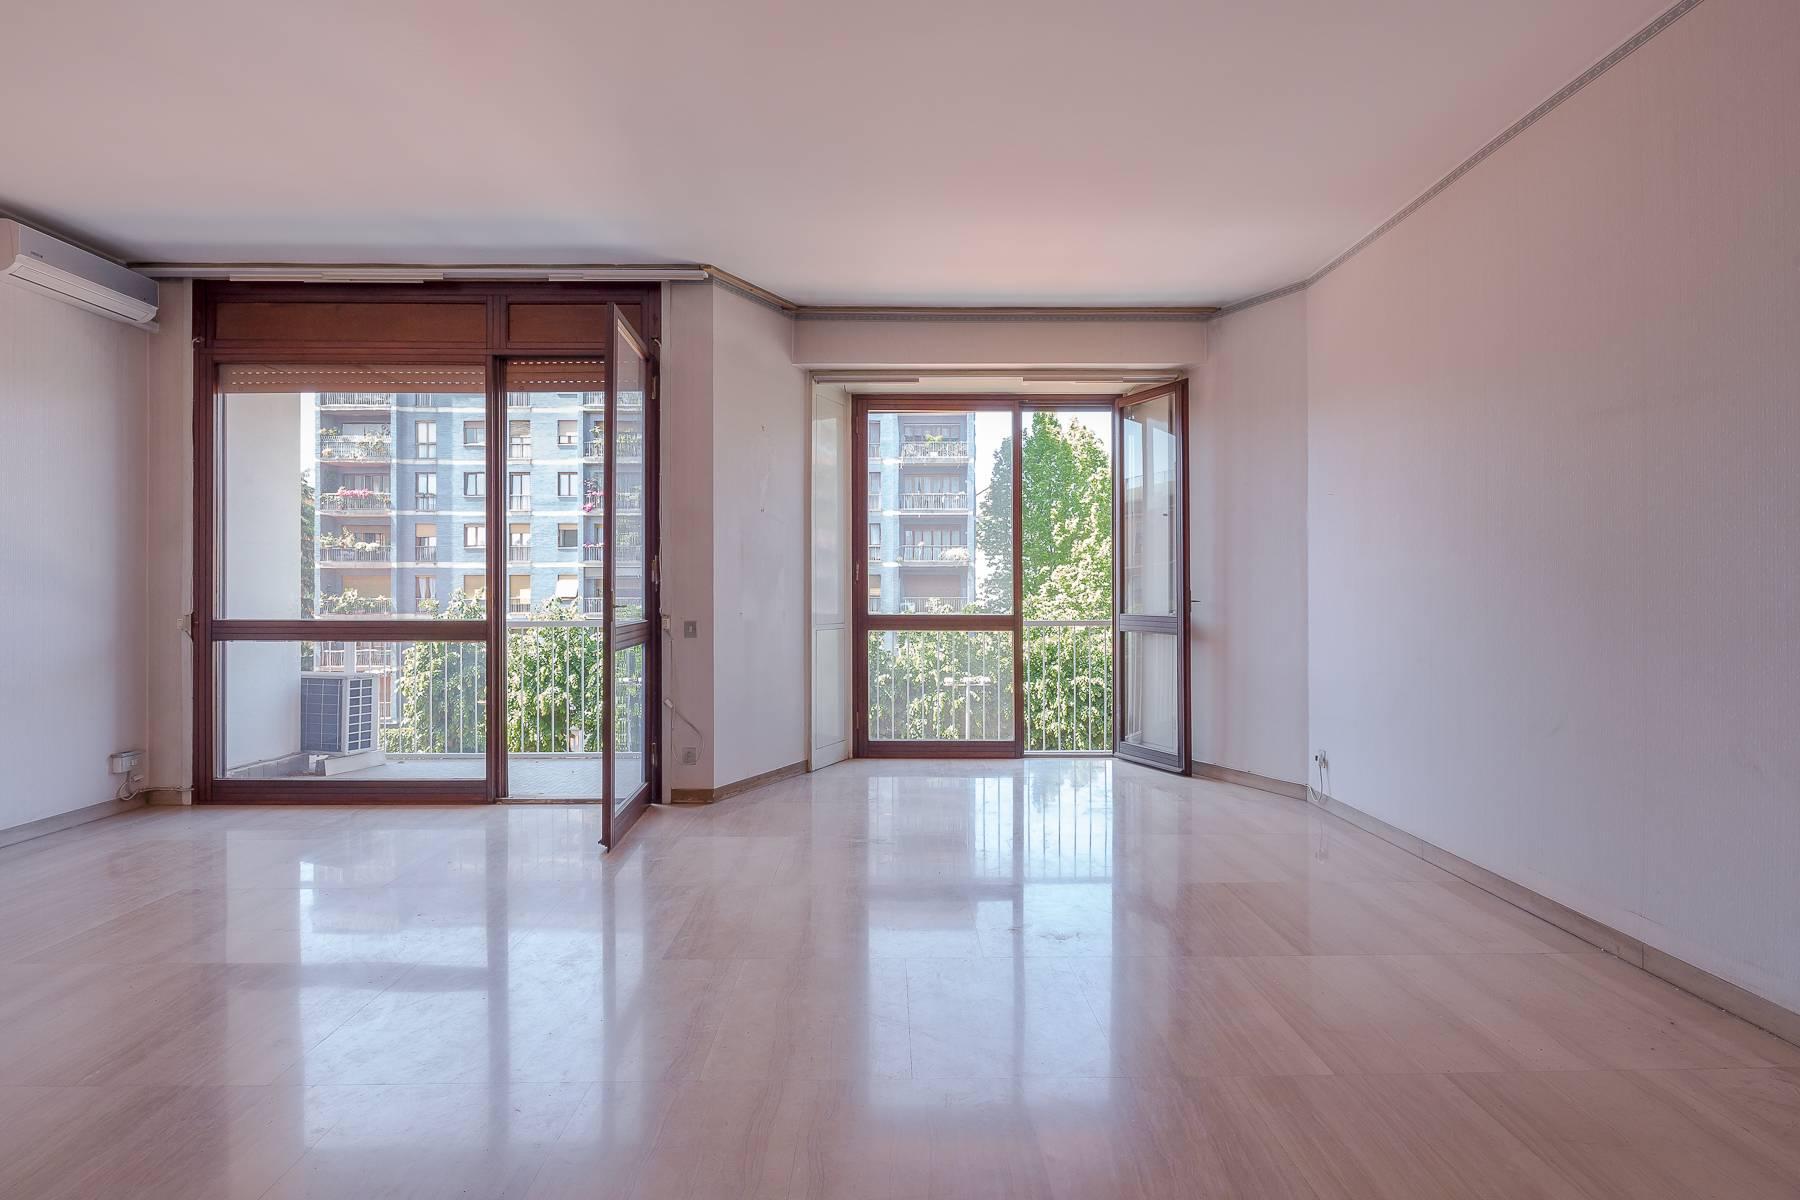 Appartamento in Vendita a Milano: 5 locali, 150 mq - Foto 3